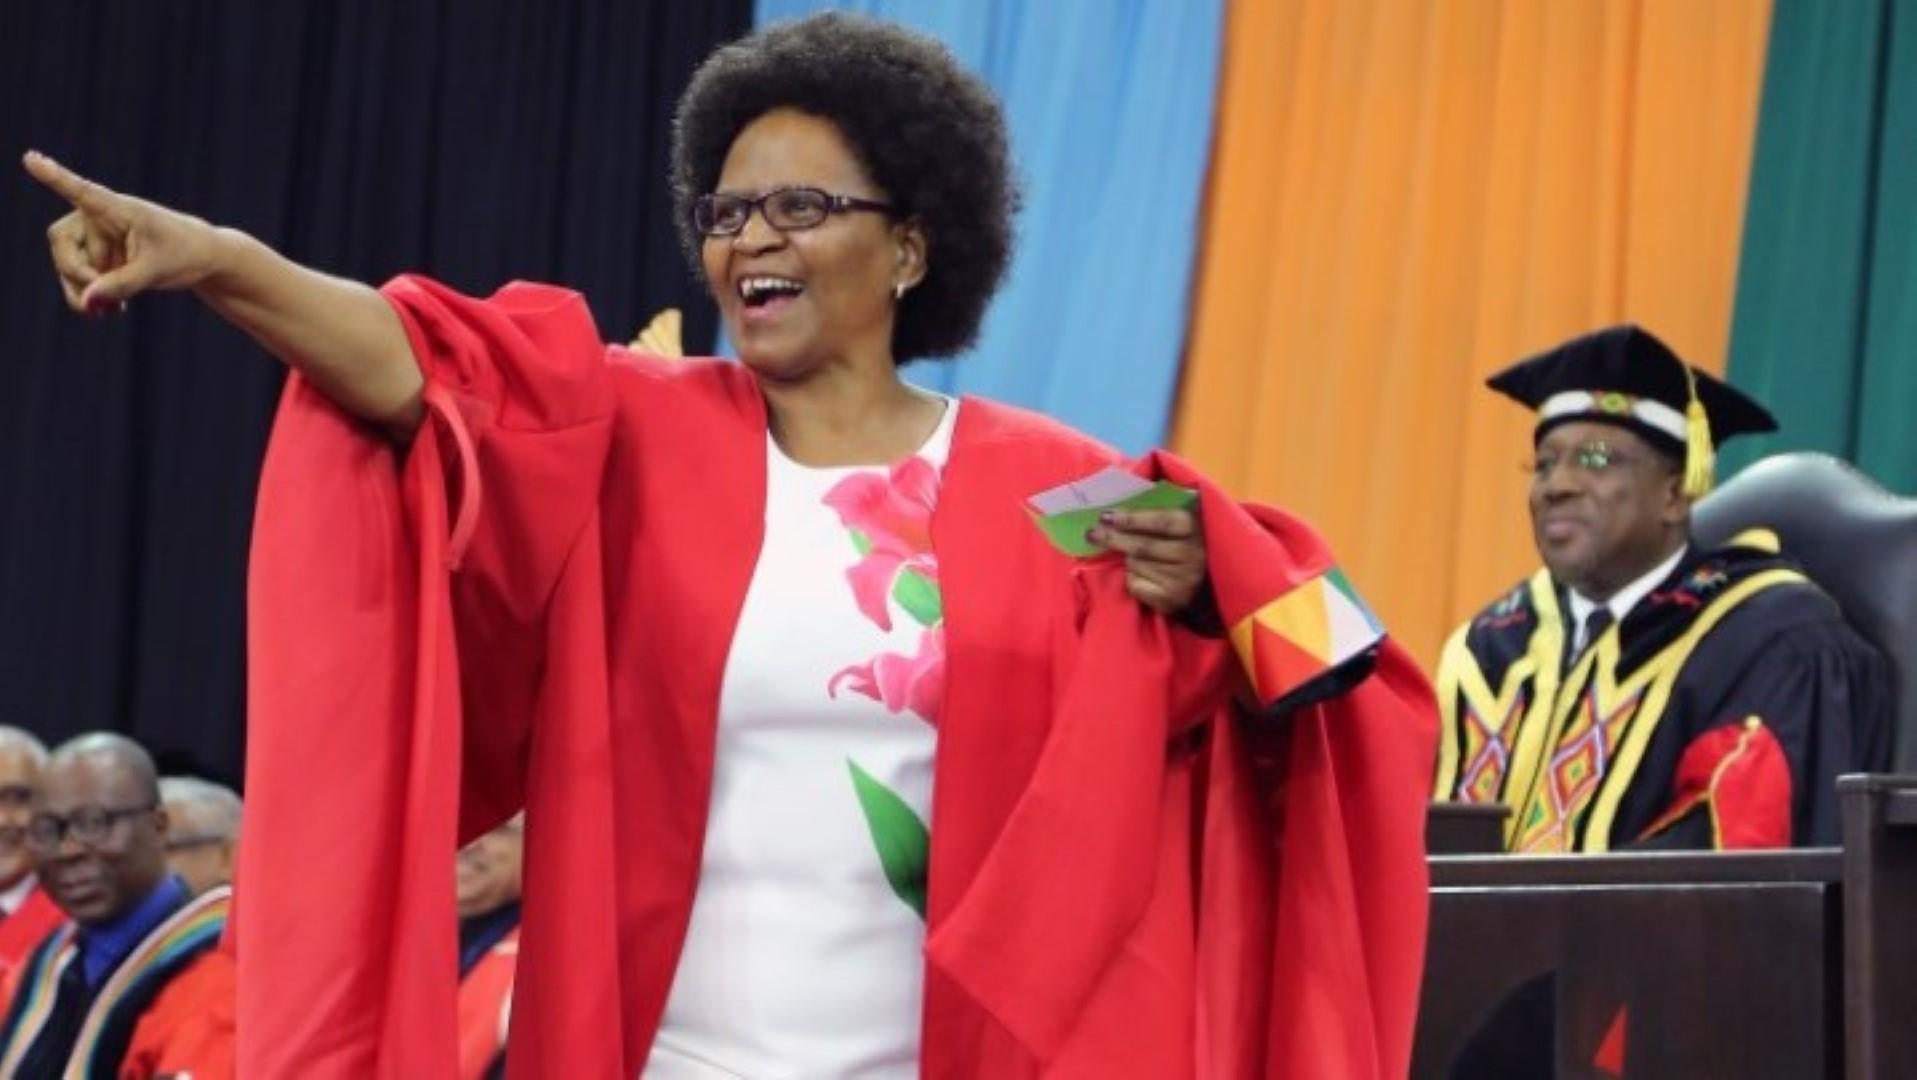 Ntombekhaya Mxenge